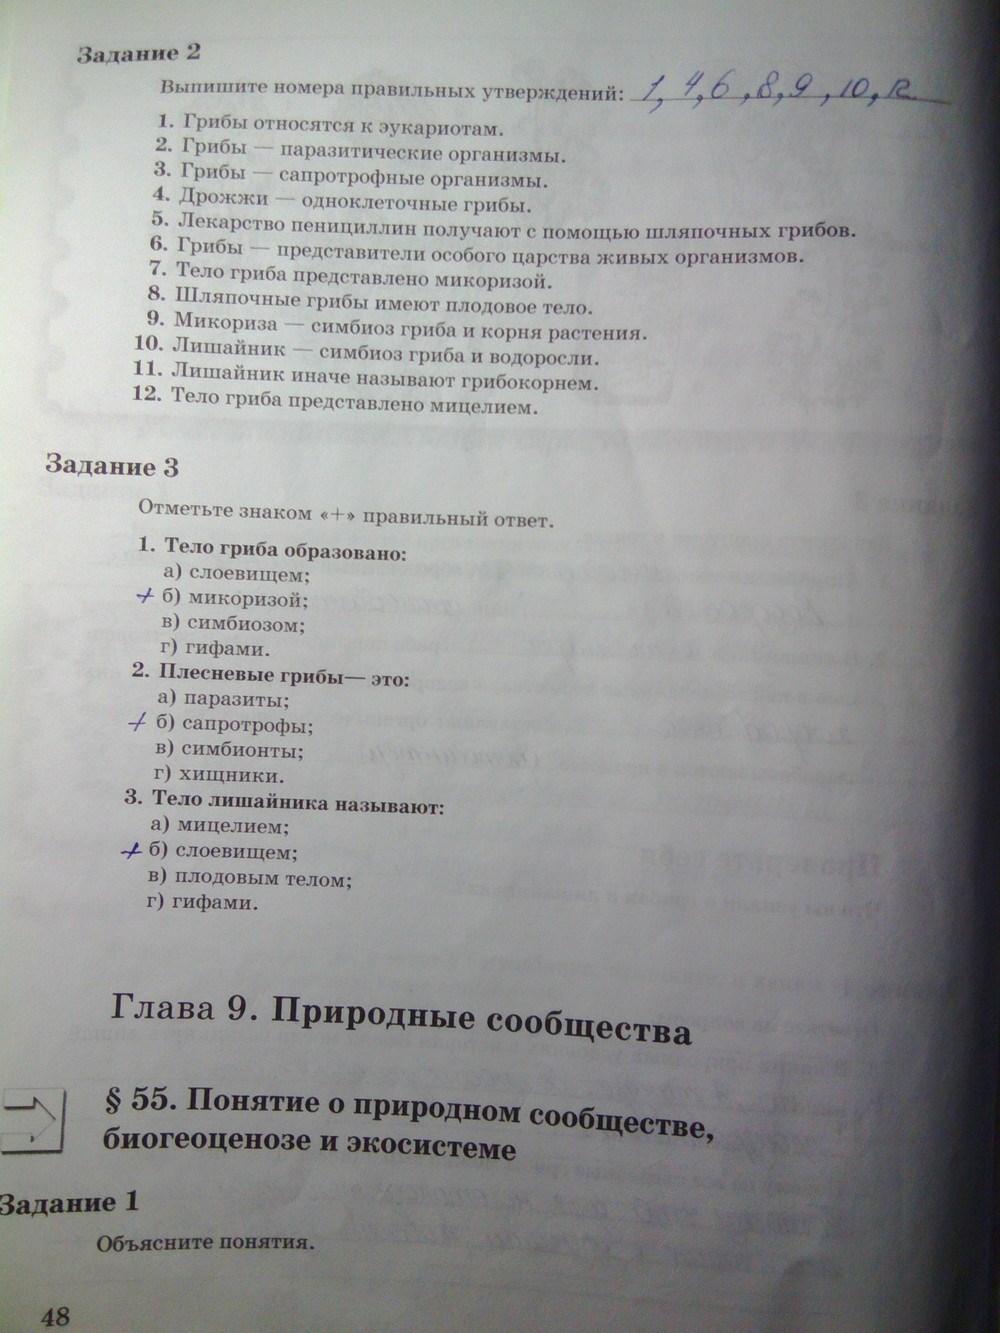 Гекалюк биология 8 кл промежуточный экзамен